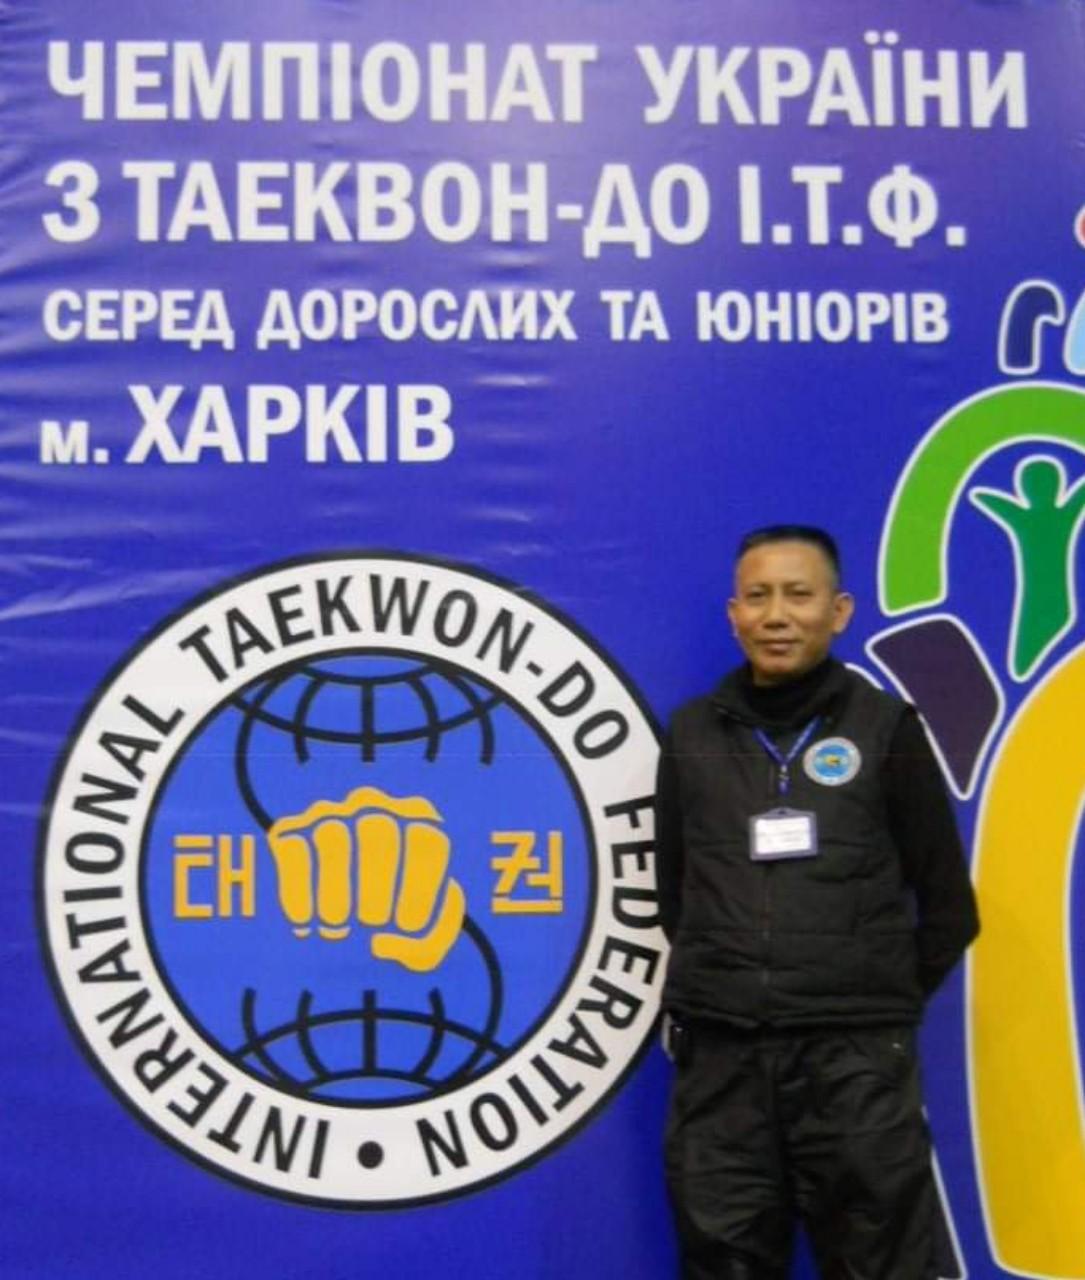 Чемпіонат України з таеквондо